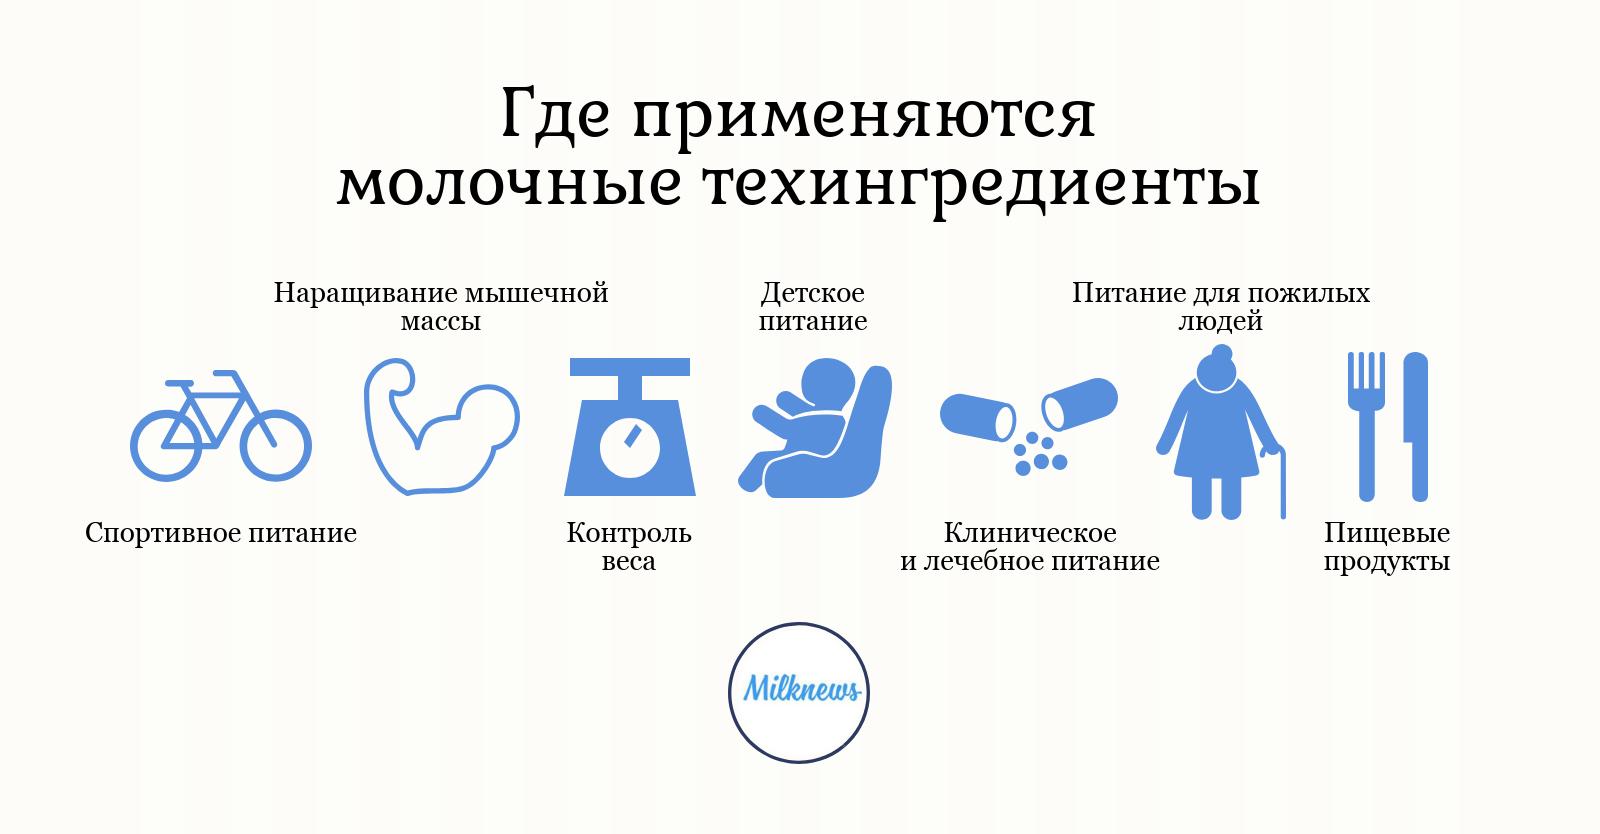 Молочные техингредиенты